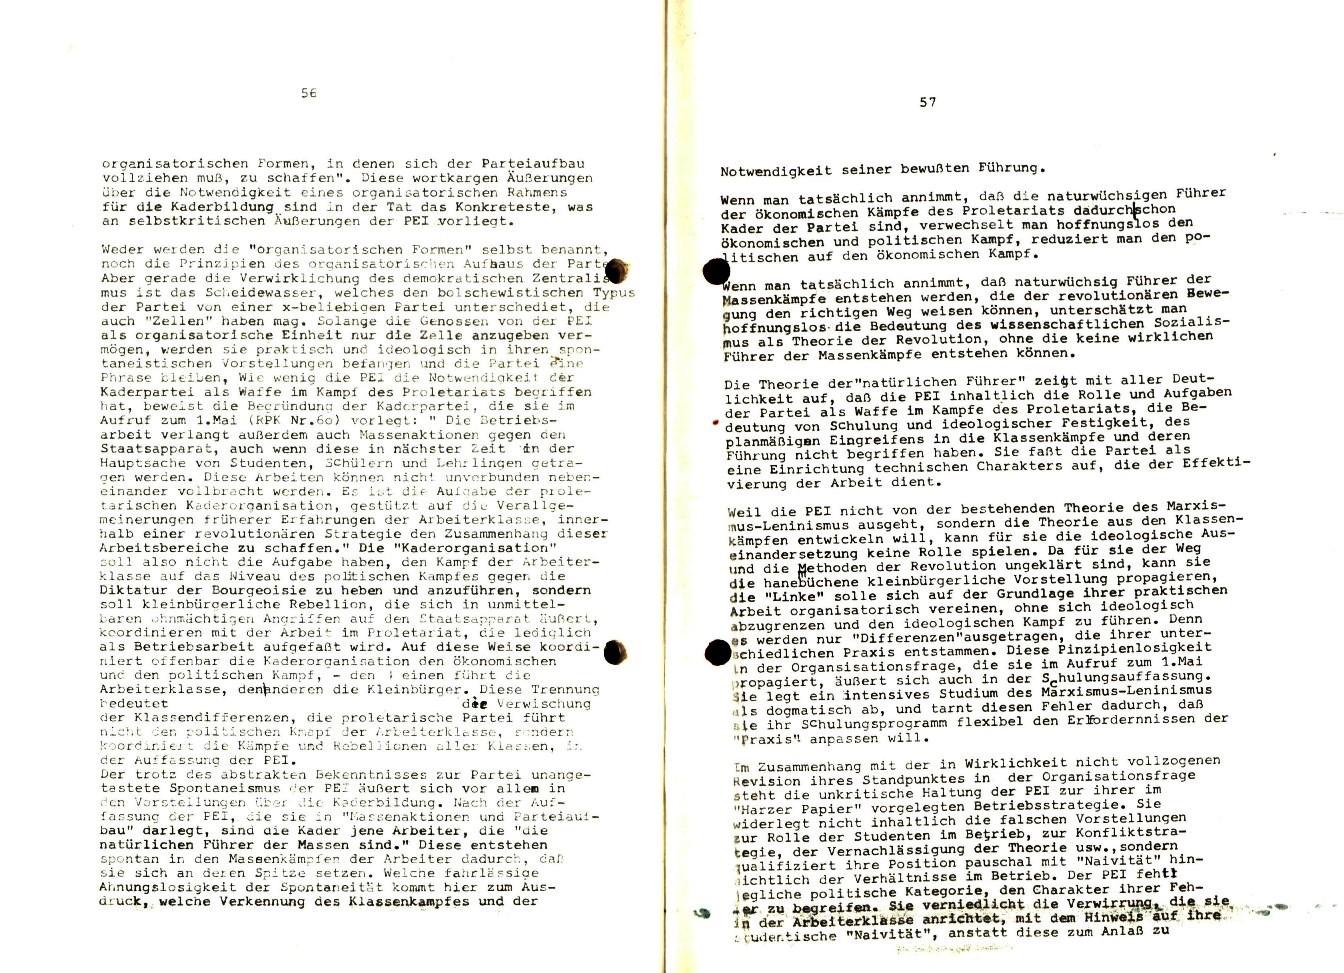 Berlin_KBML_Kommunist_1970_01_31